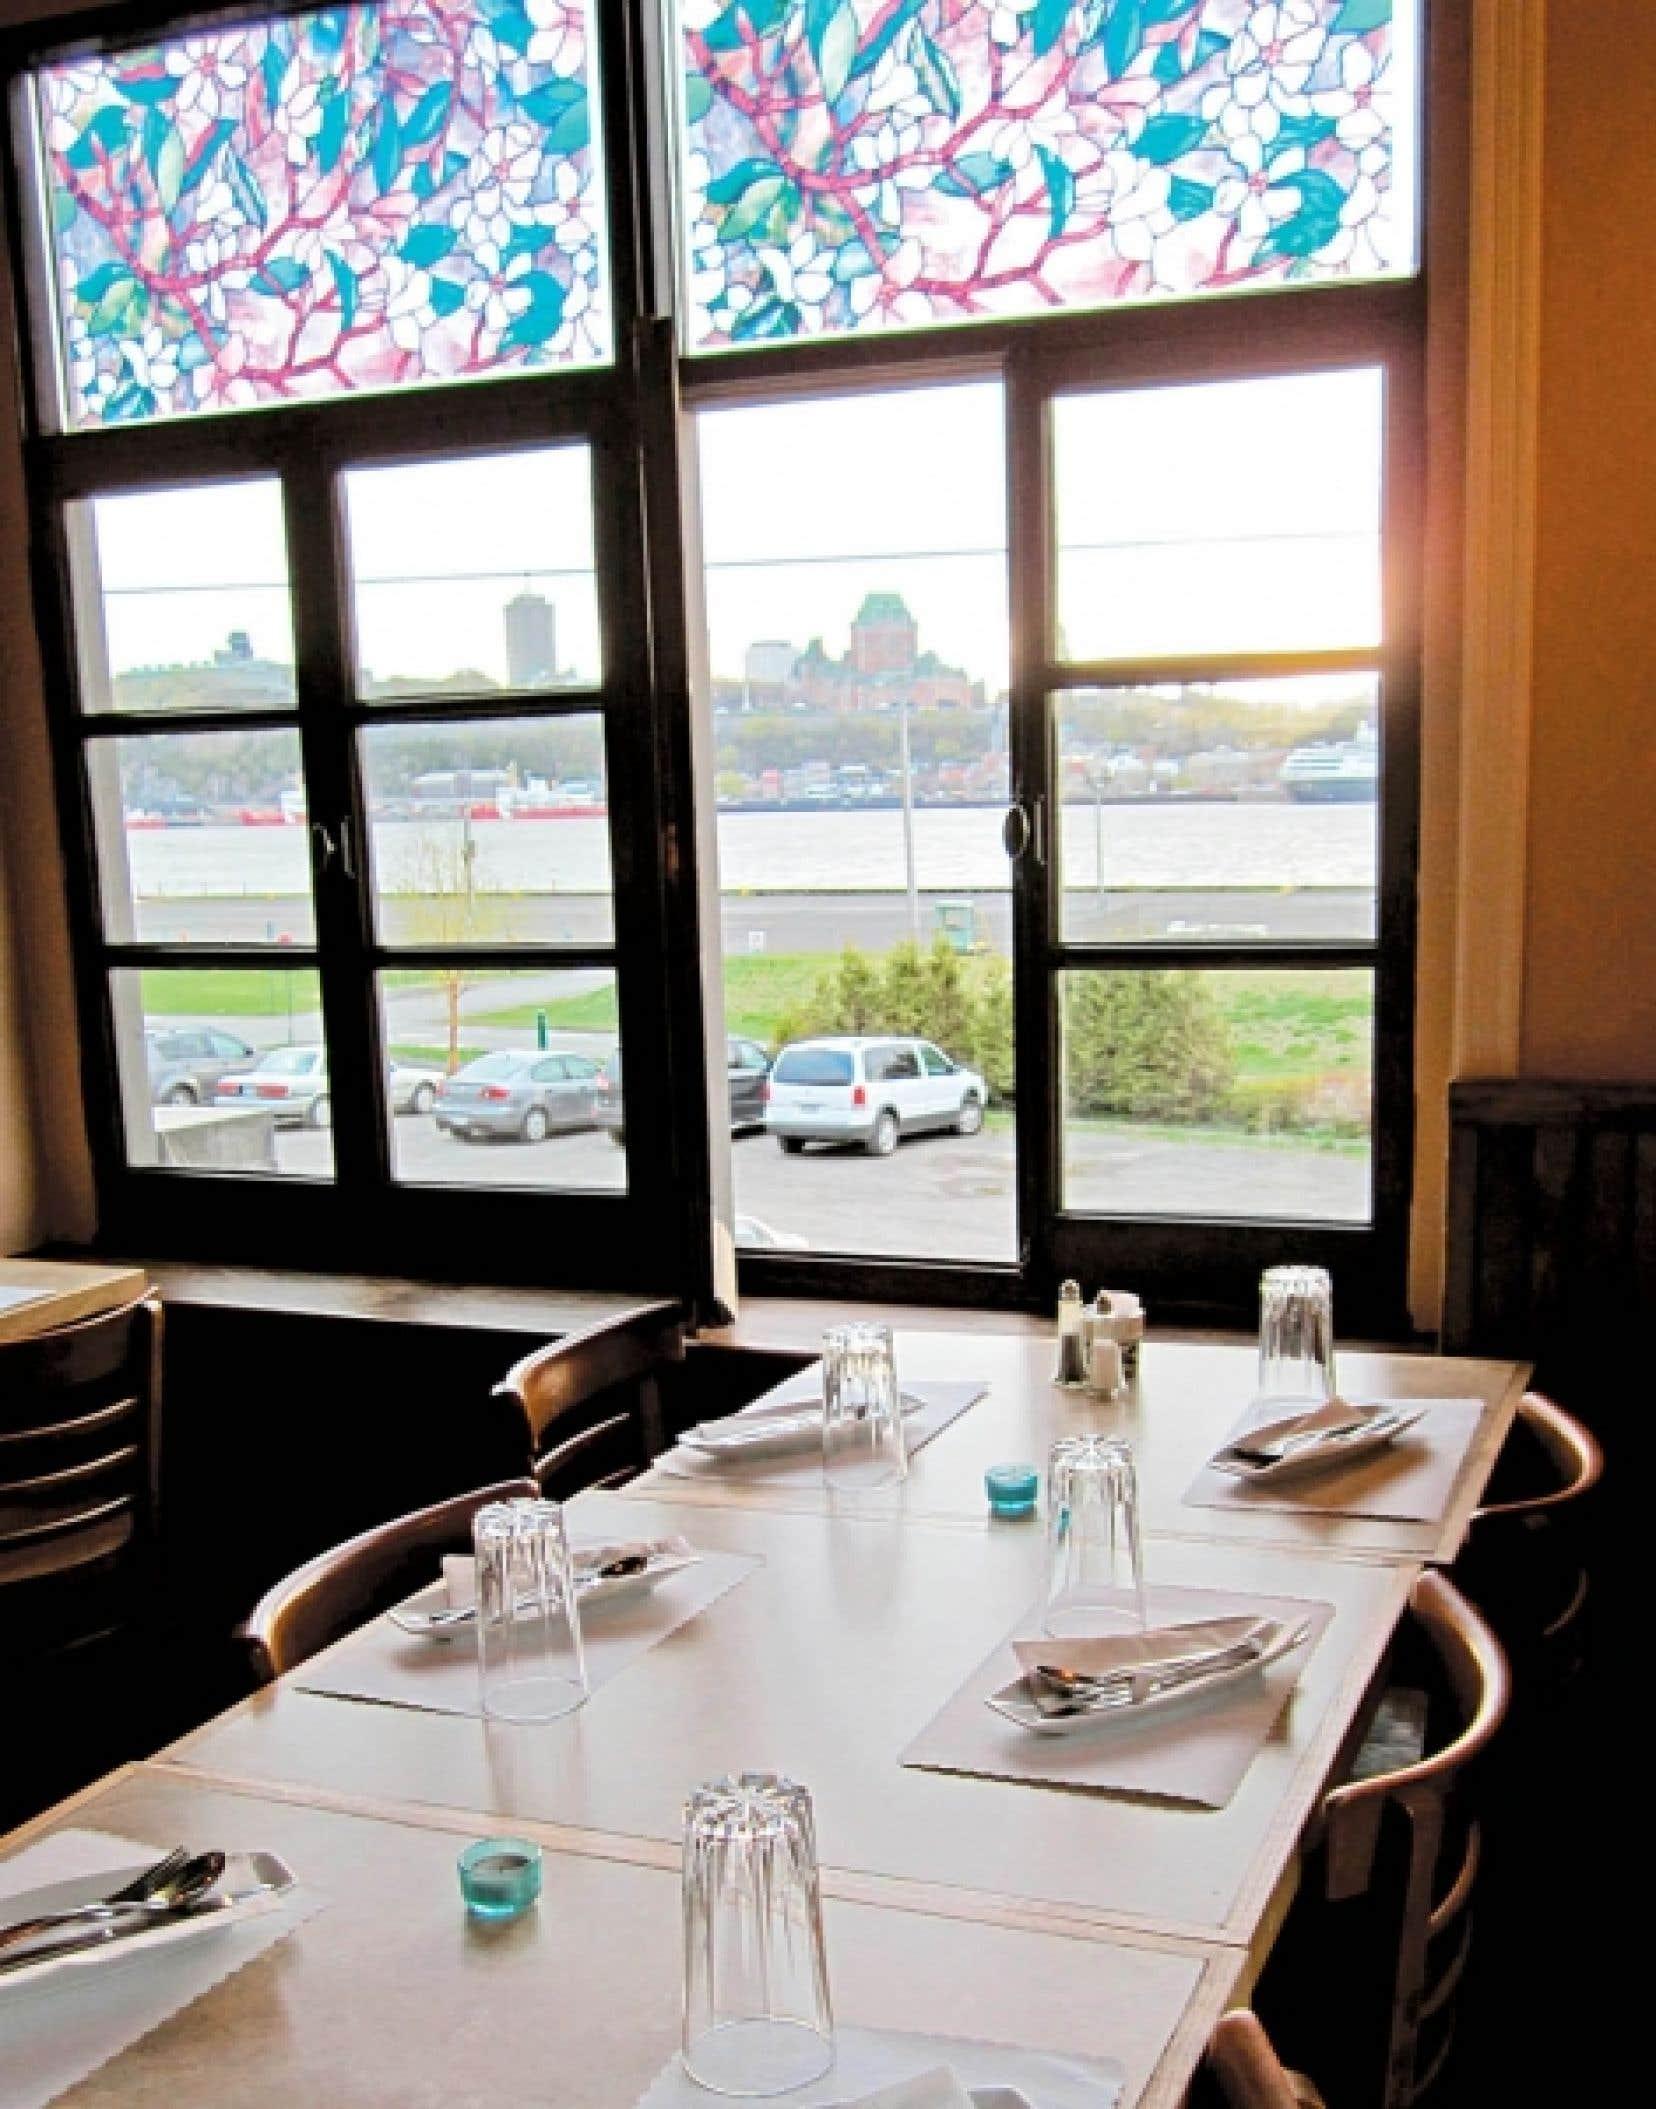 Au restaurant L'Escalier de Lévis, on peut déguster un très bon repas à prix raisonnable, ou choisir d'y manger sur le pouce pour savourer le plaisir d'une vue exceptionnelle sur Québec et sur le Saint-Laurent.<br />